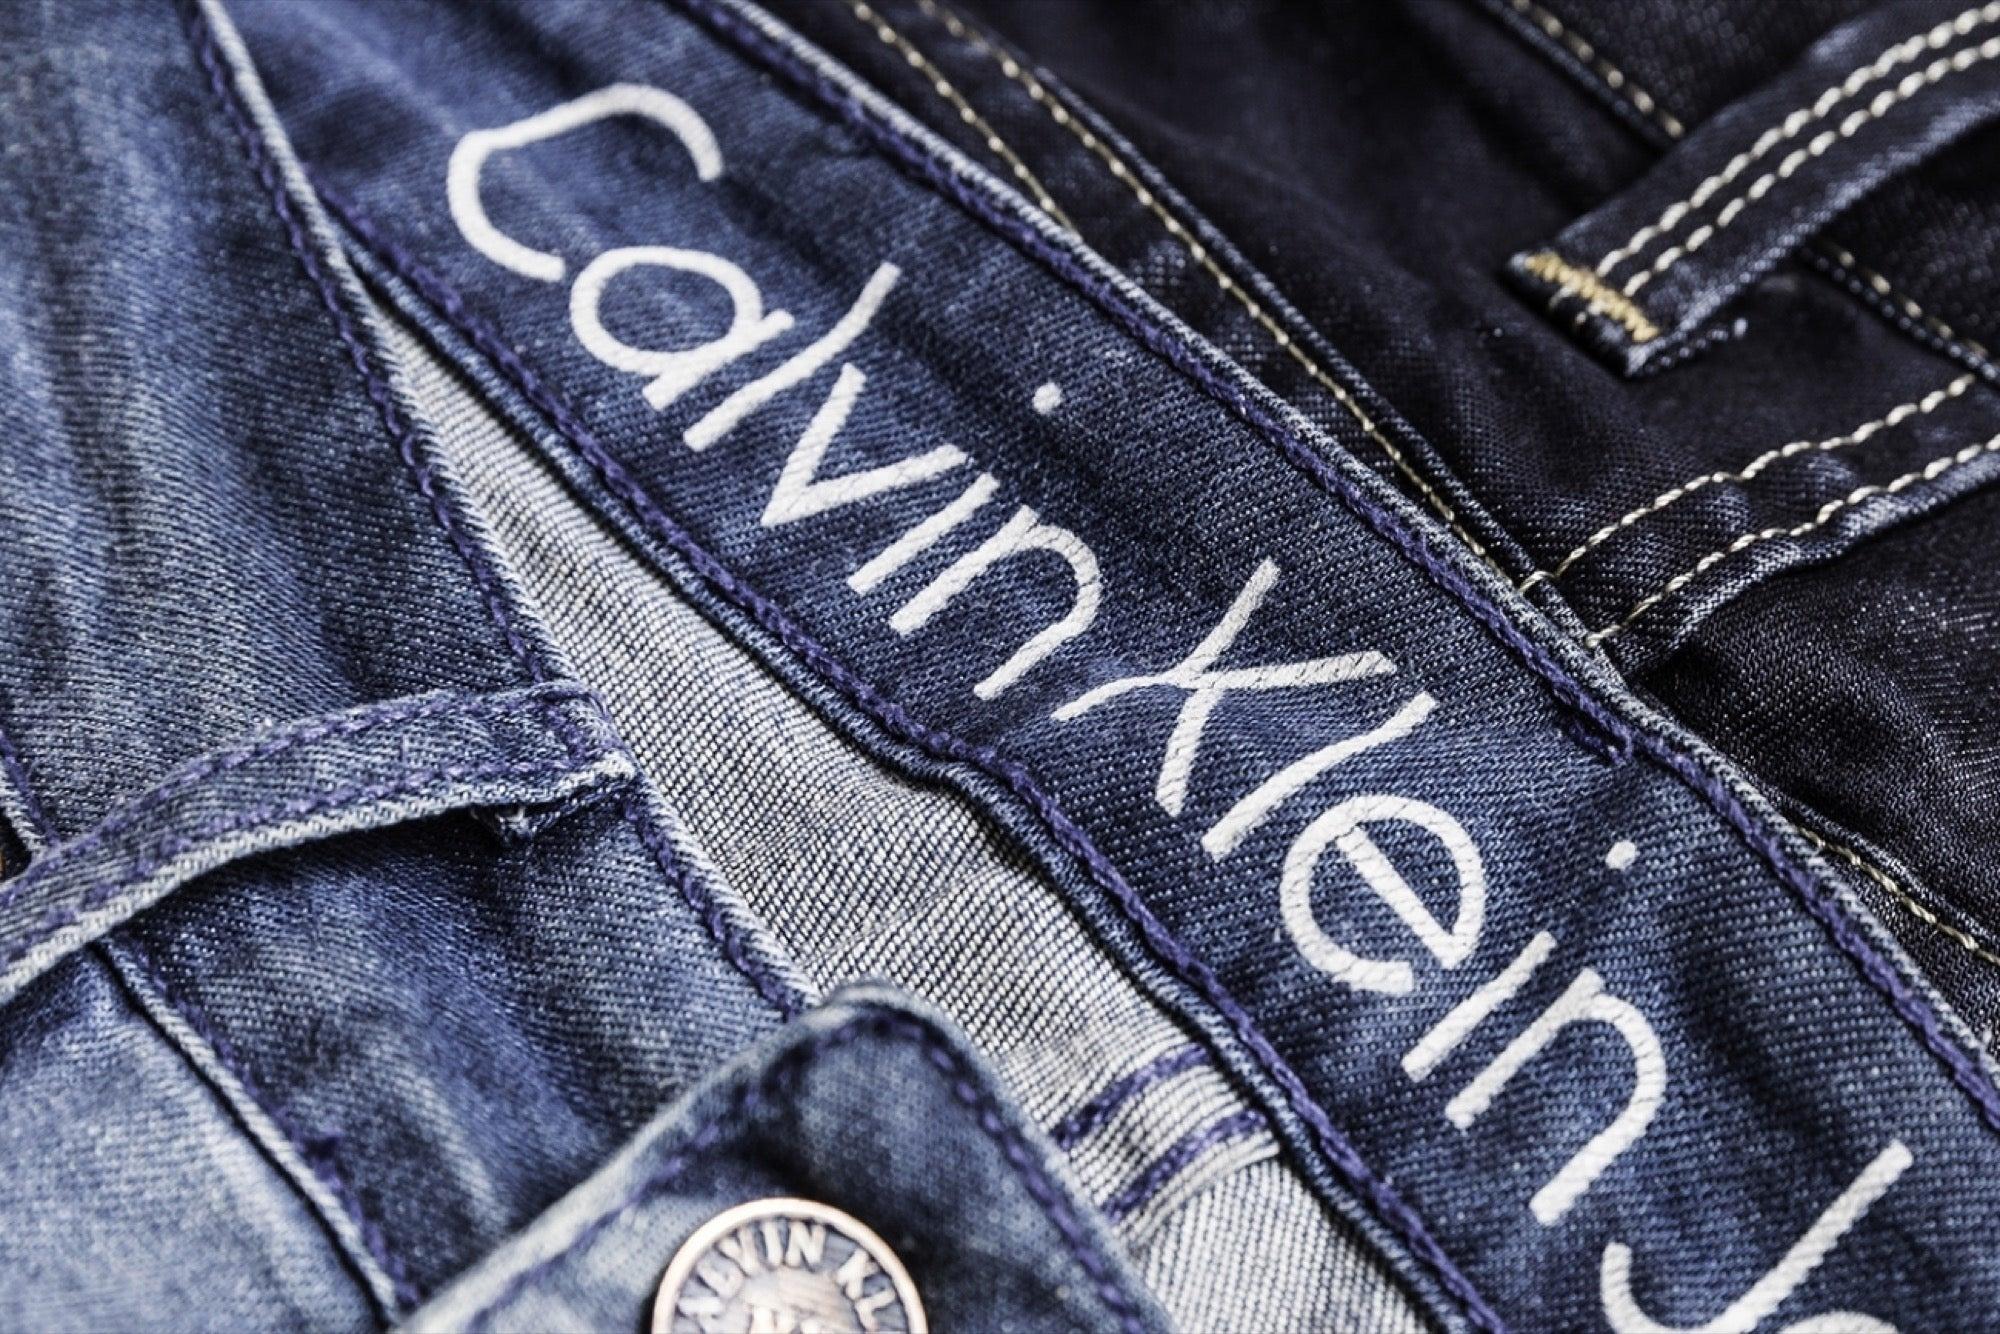 Brands like calvin klein